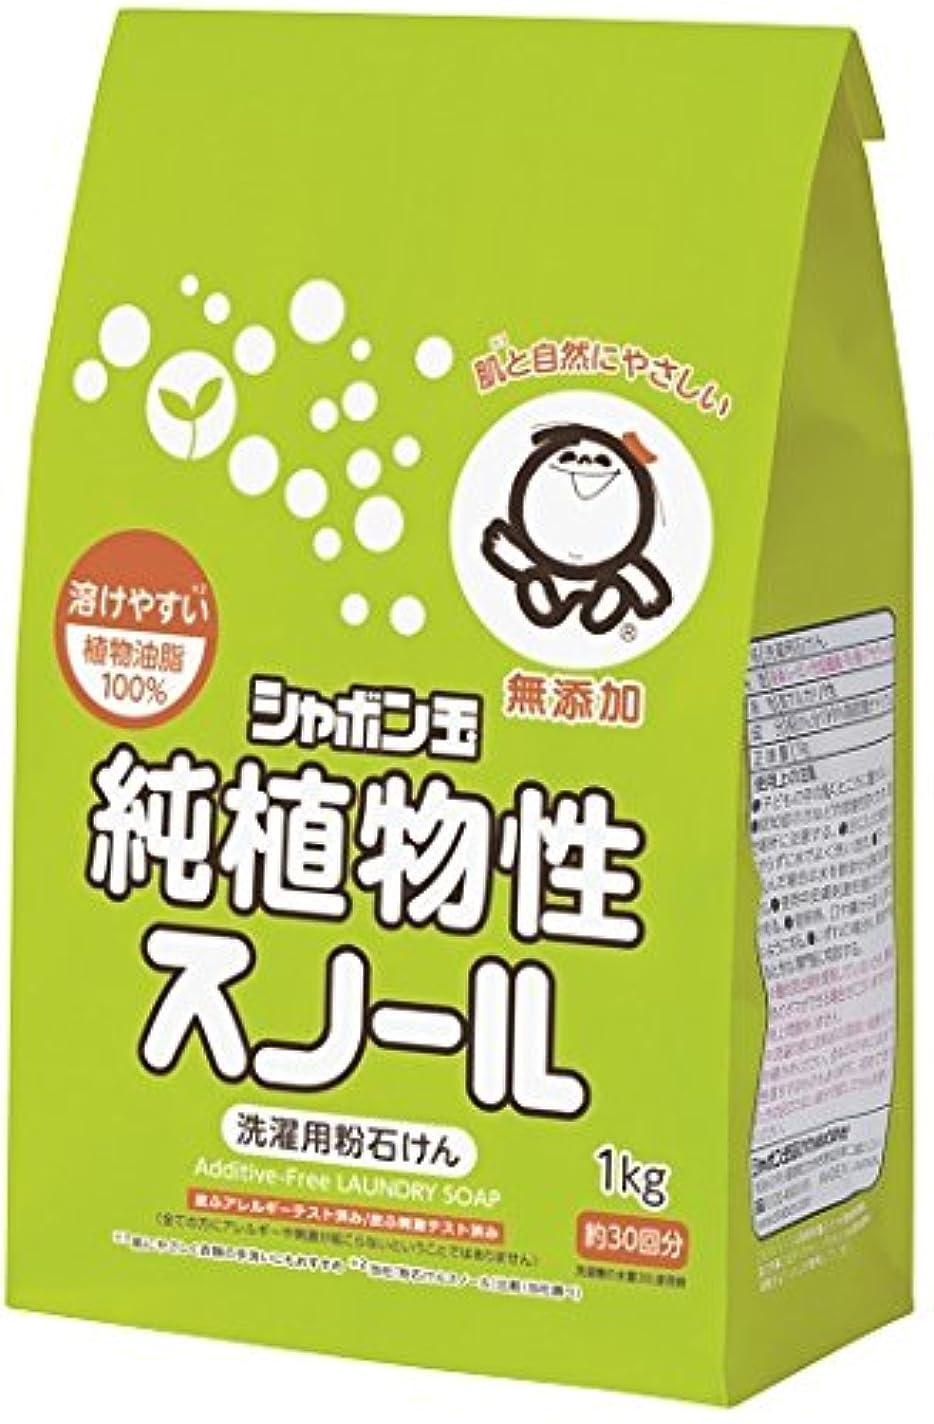 オペラバンドルホームレスシャボン玉 粉石けん 純植物性スノール 1kg